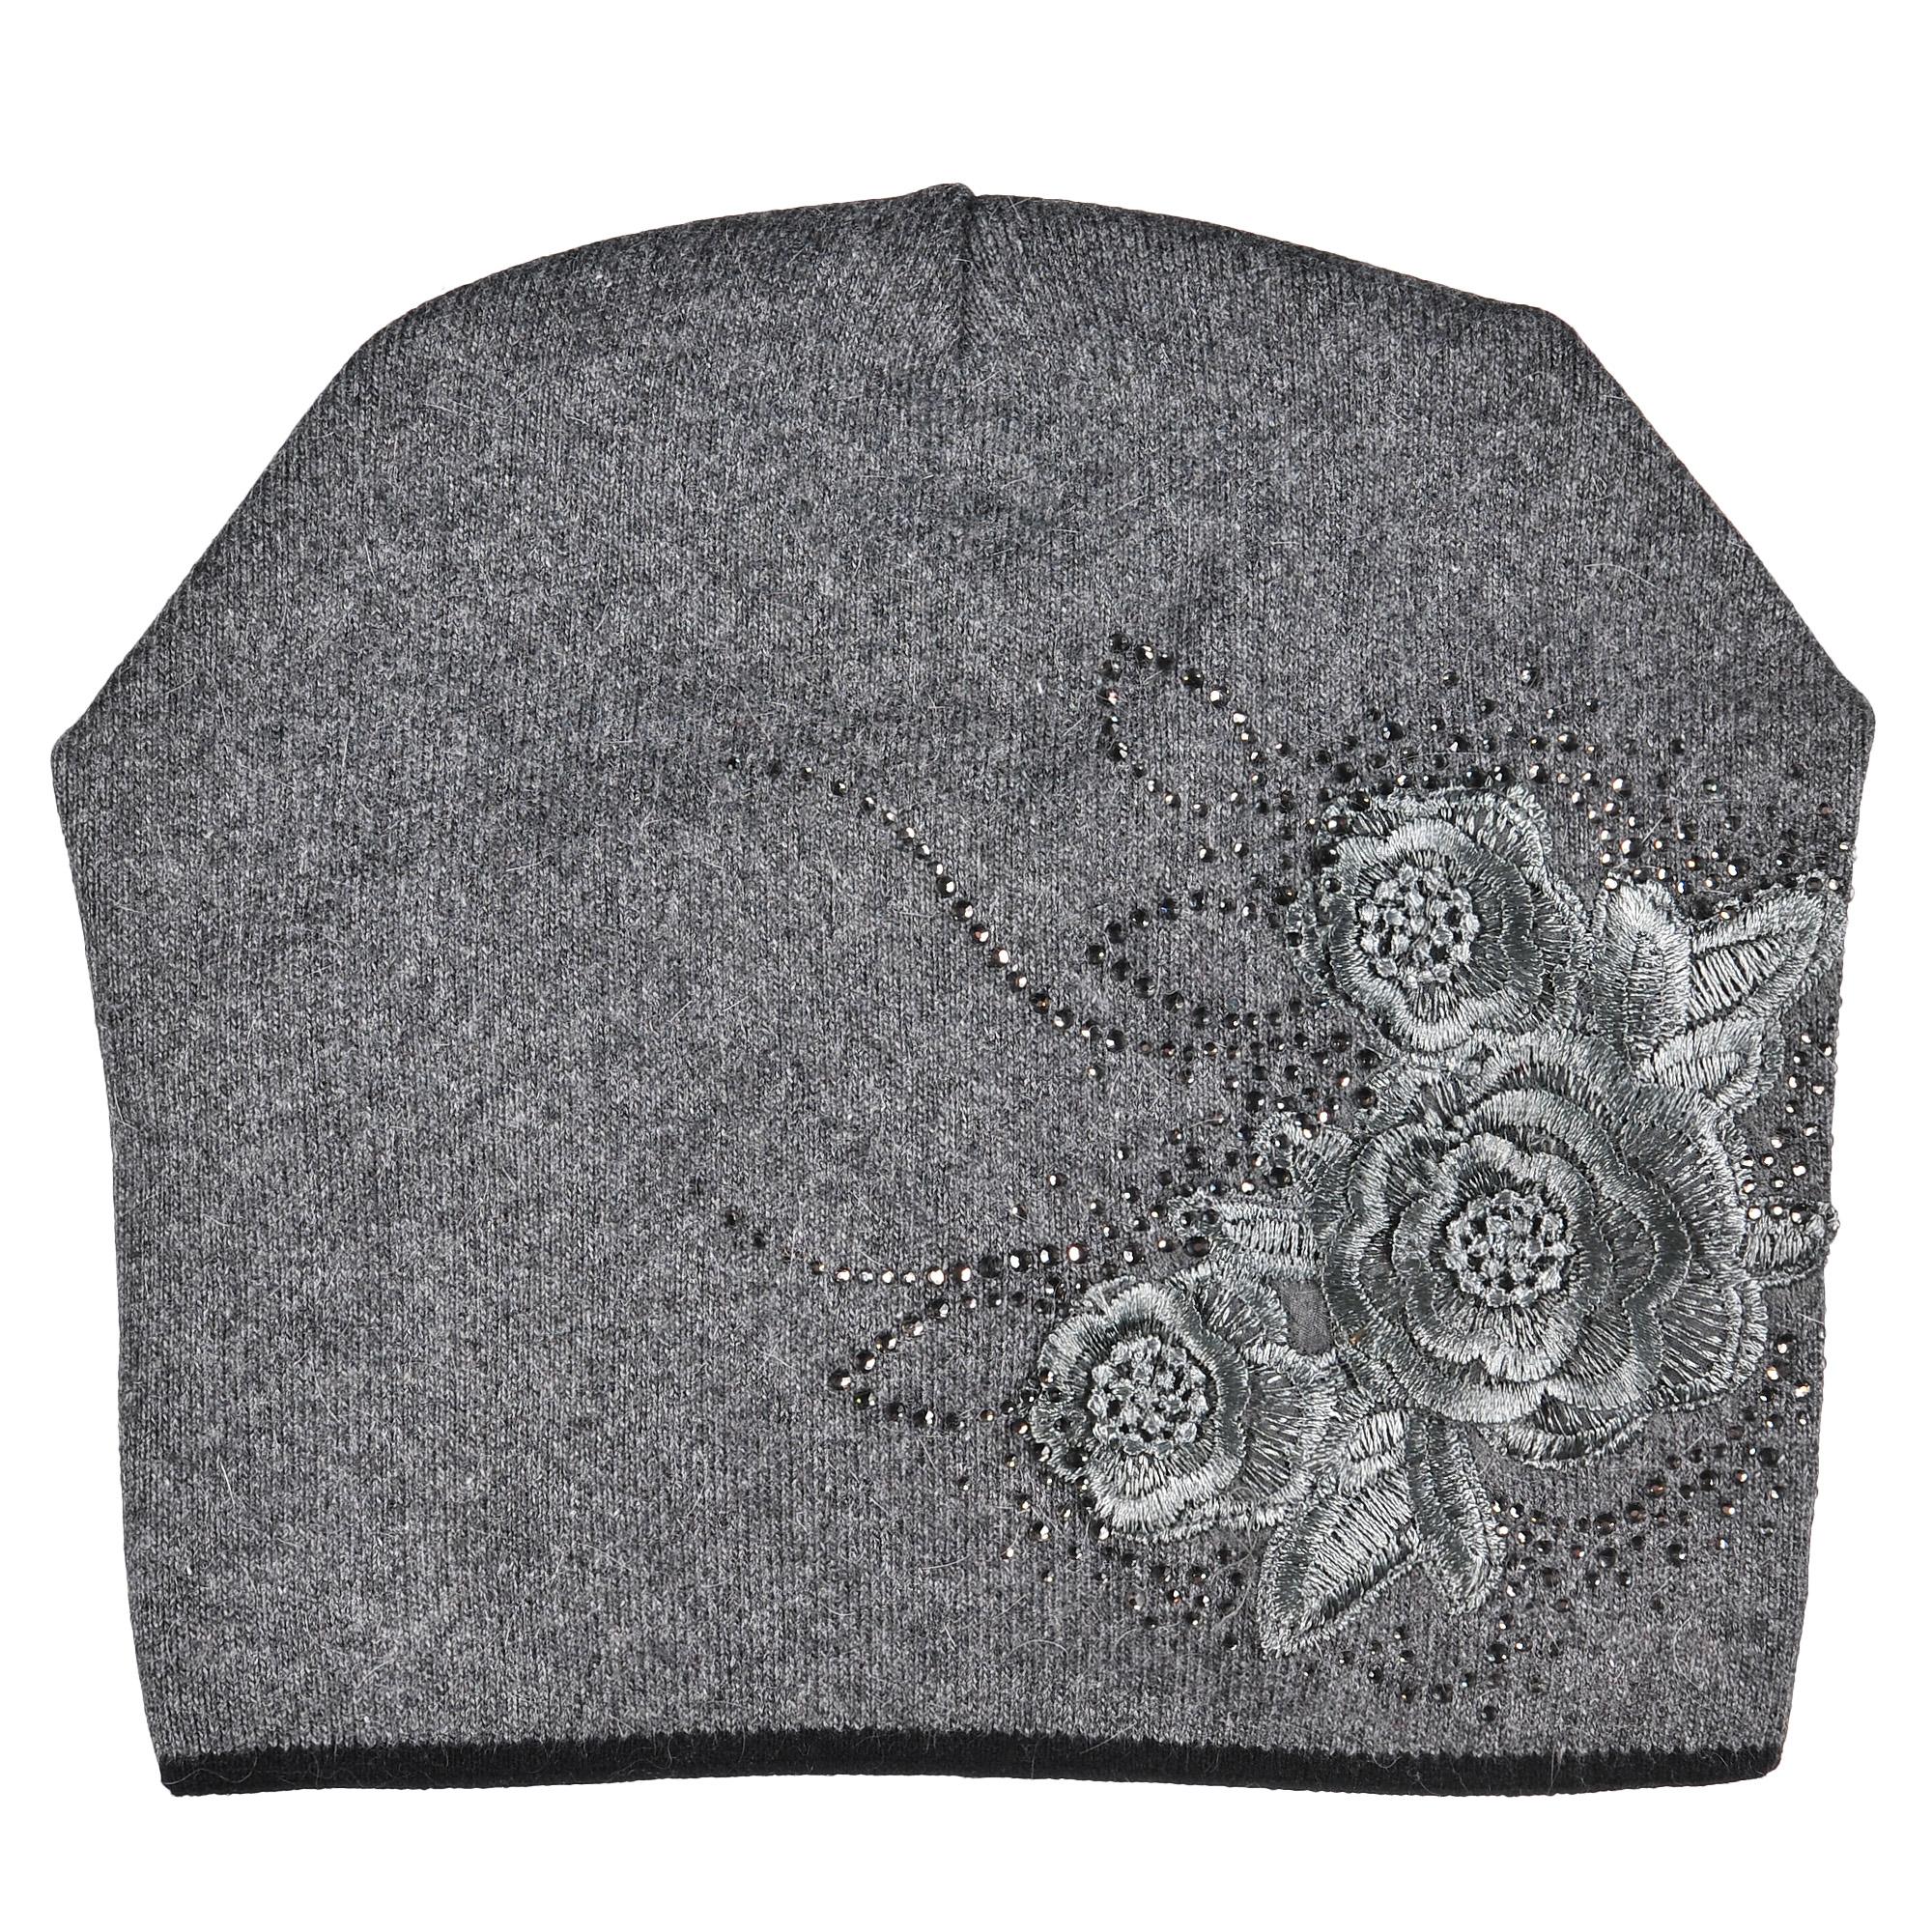 4-0047-030Модная теплая двухслойная шапка из шерсти с вышитыми цветами и стразами. Задняя часть декорирована сборкой. Отличный аксессуар защитит в непогоду и подарит ощущение теплоты.